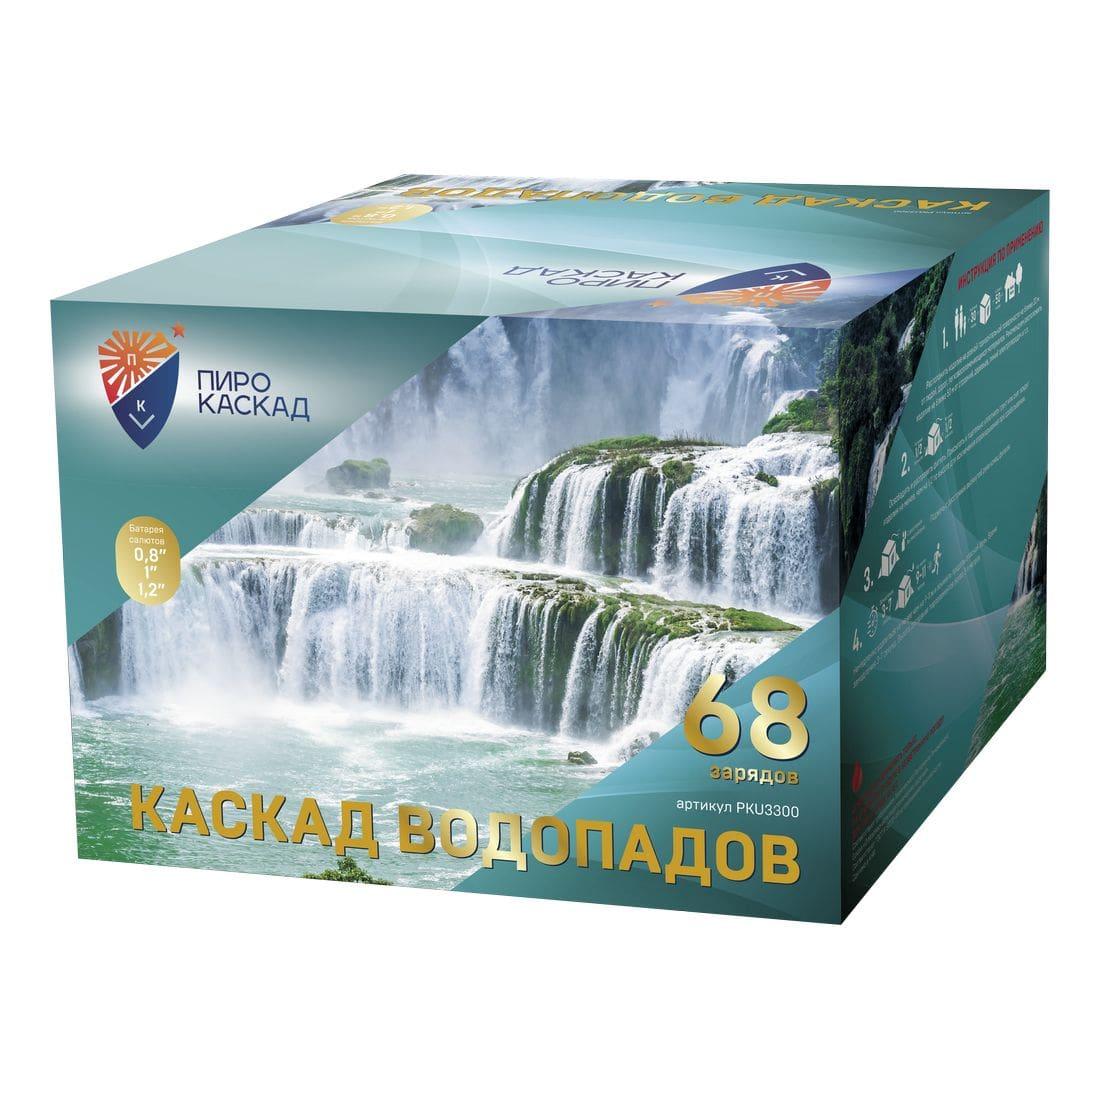 Салют Каскад водопадов